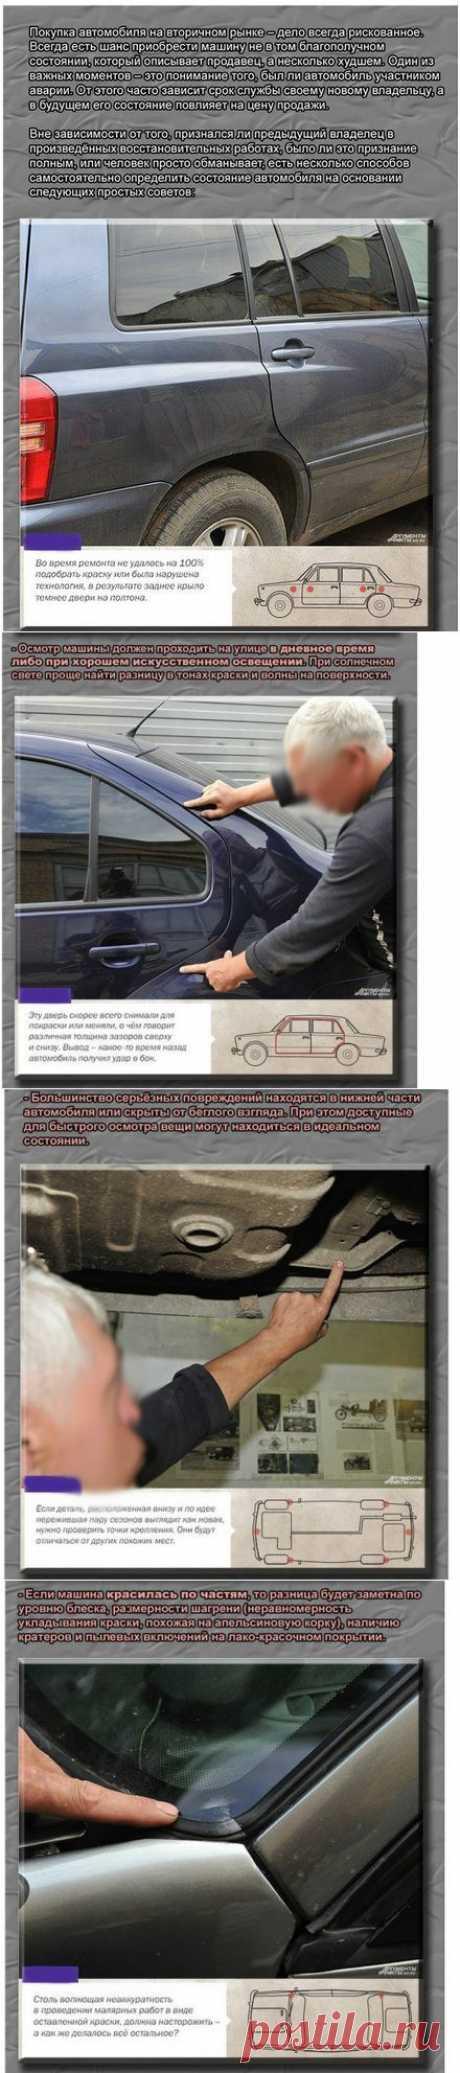 Как распознать битую машину? | Хитрости Жизни